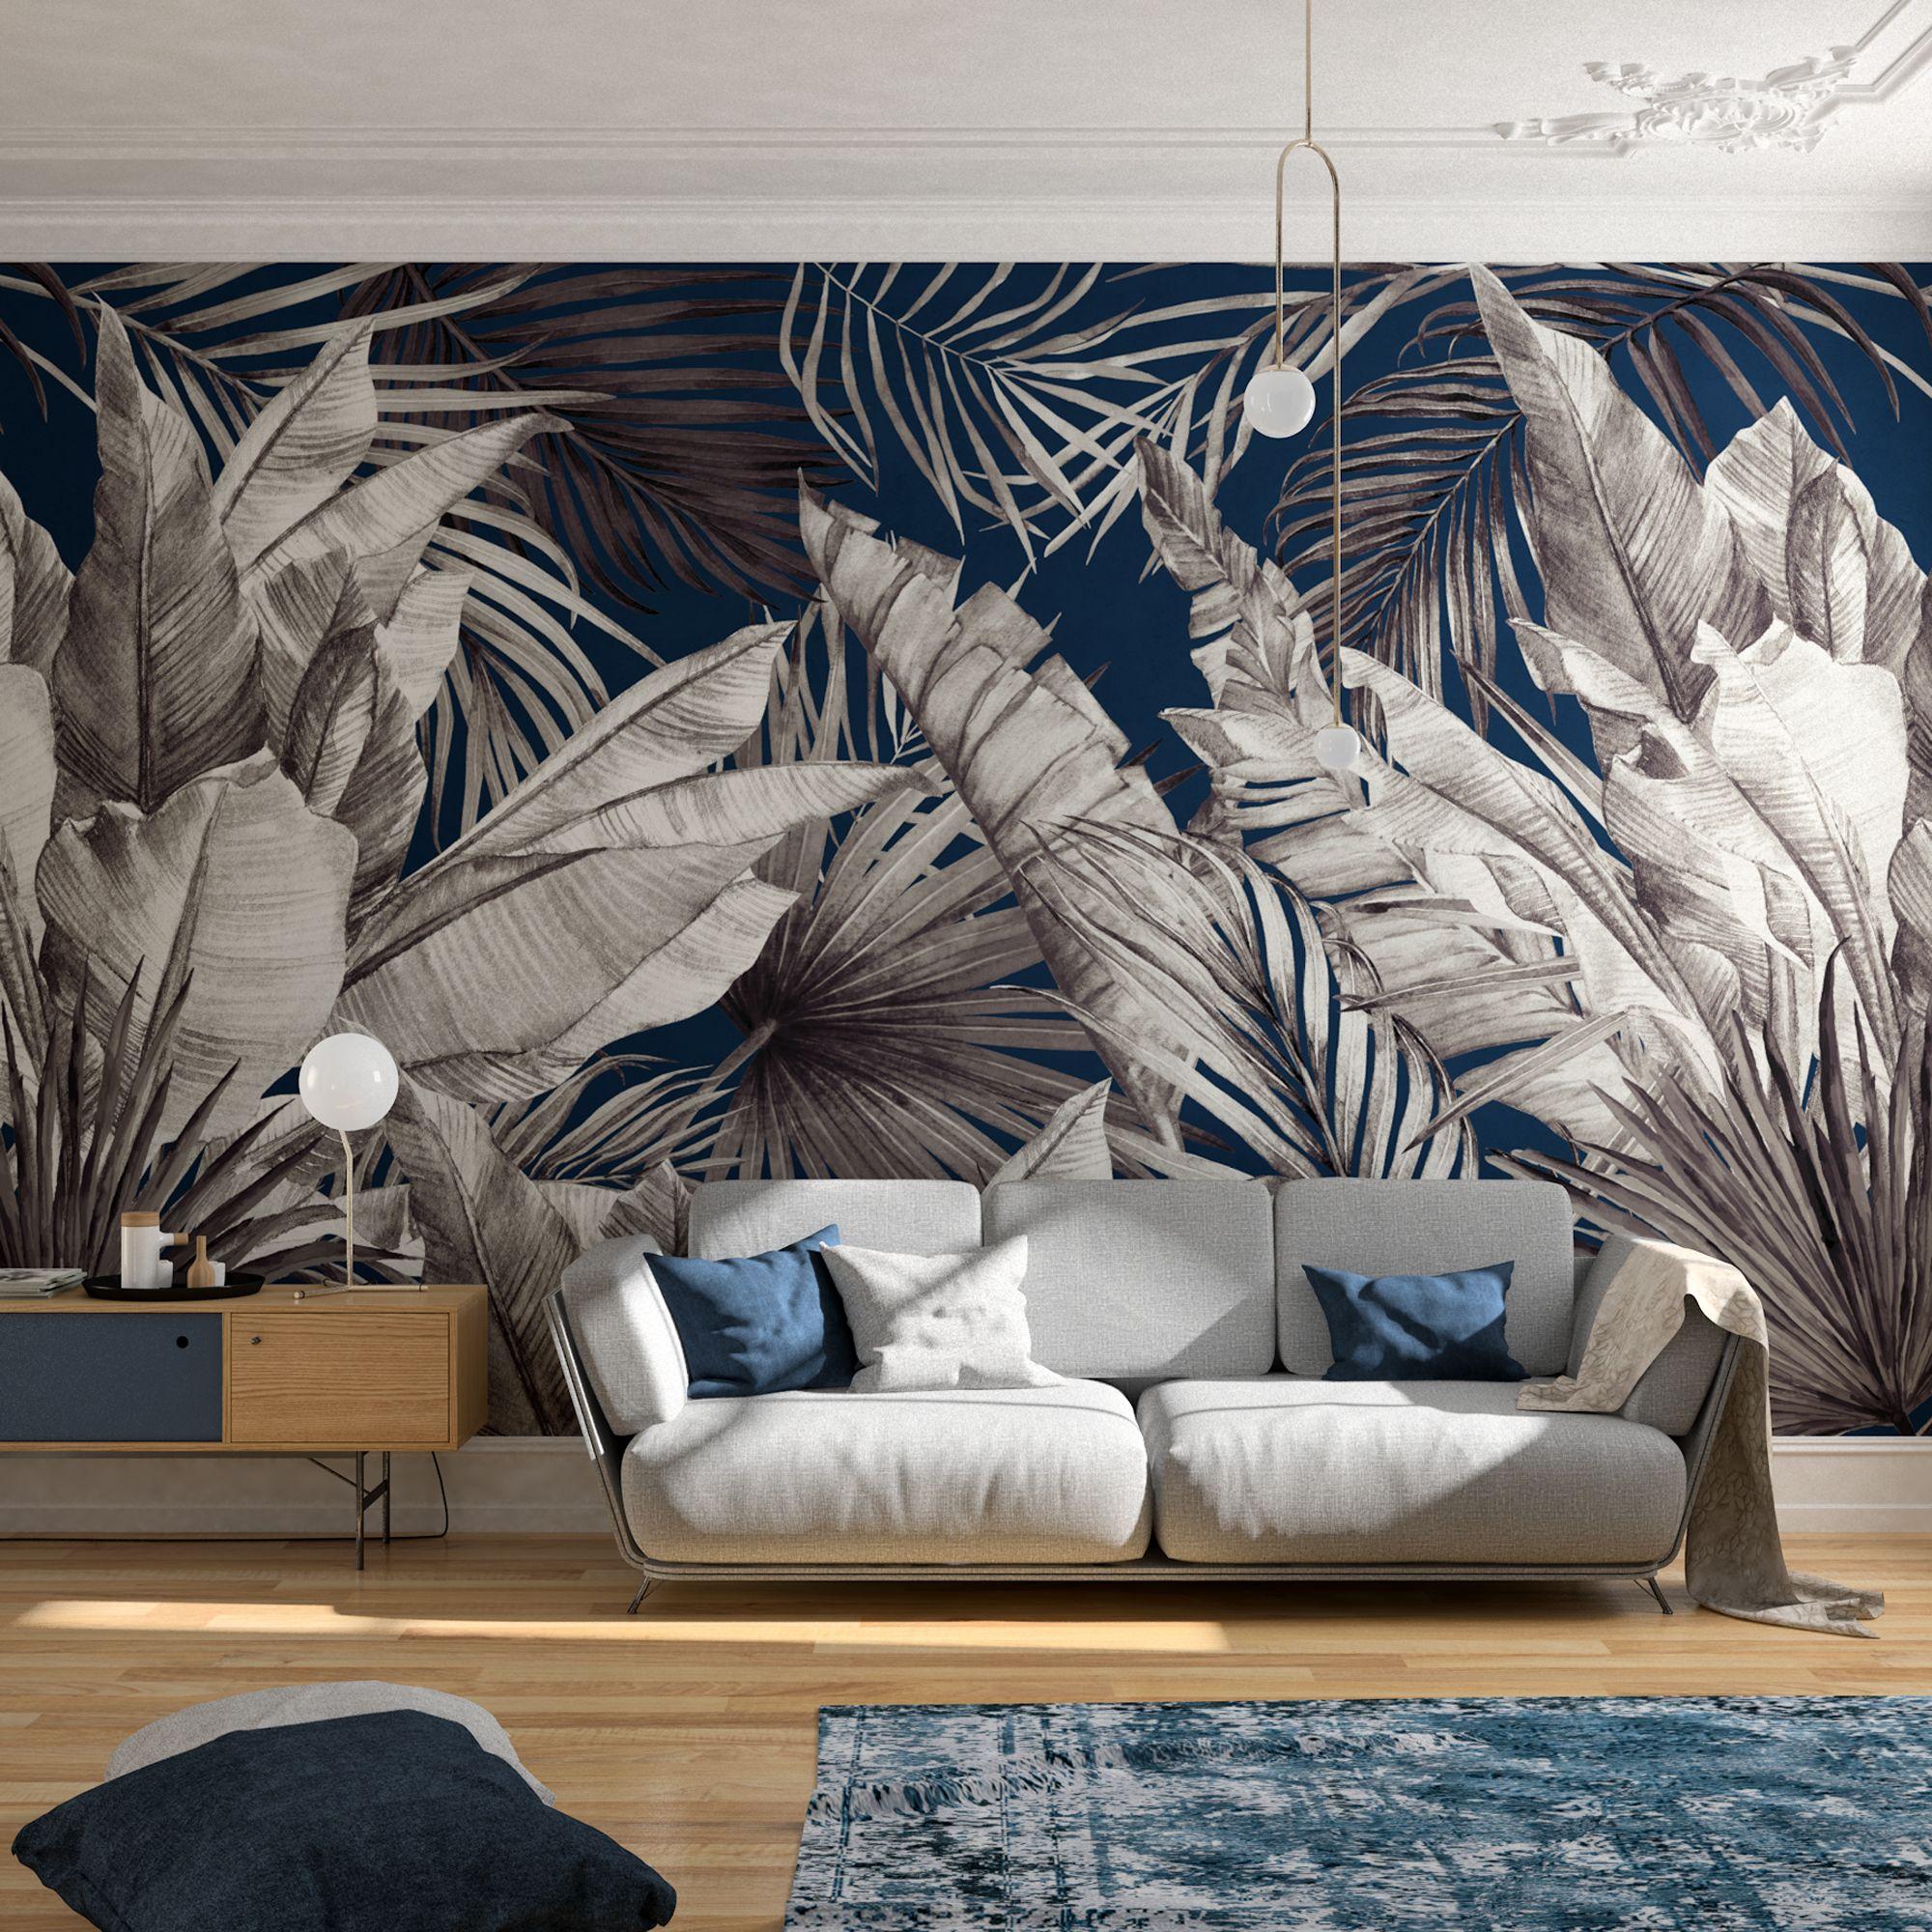 Una vasta selezione di prodotti ai migliori prezzi. The Personalized Wallpapers Of Inkiostro Bianco